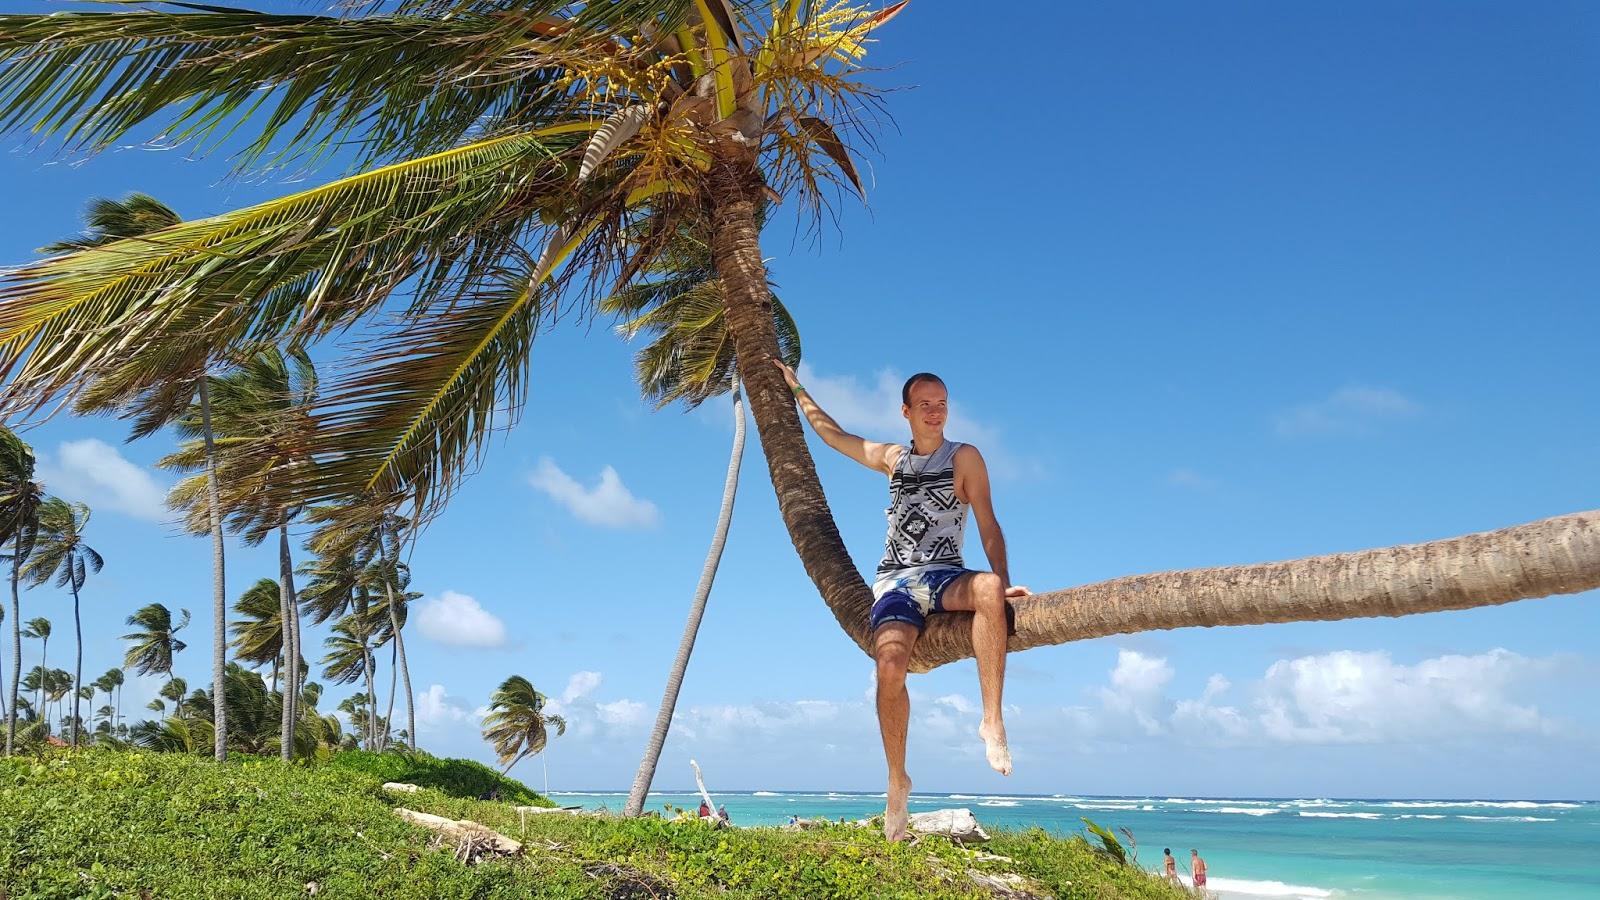 Dominikana plaża Punta Cana